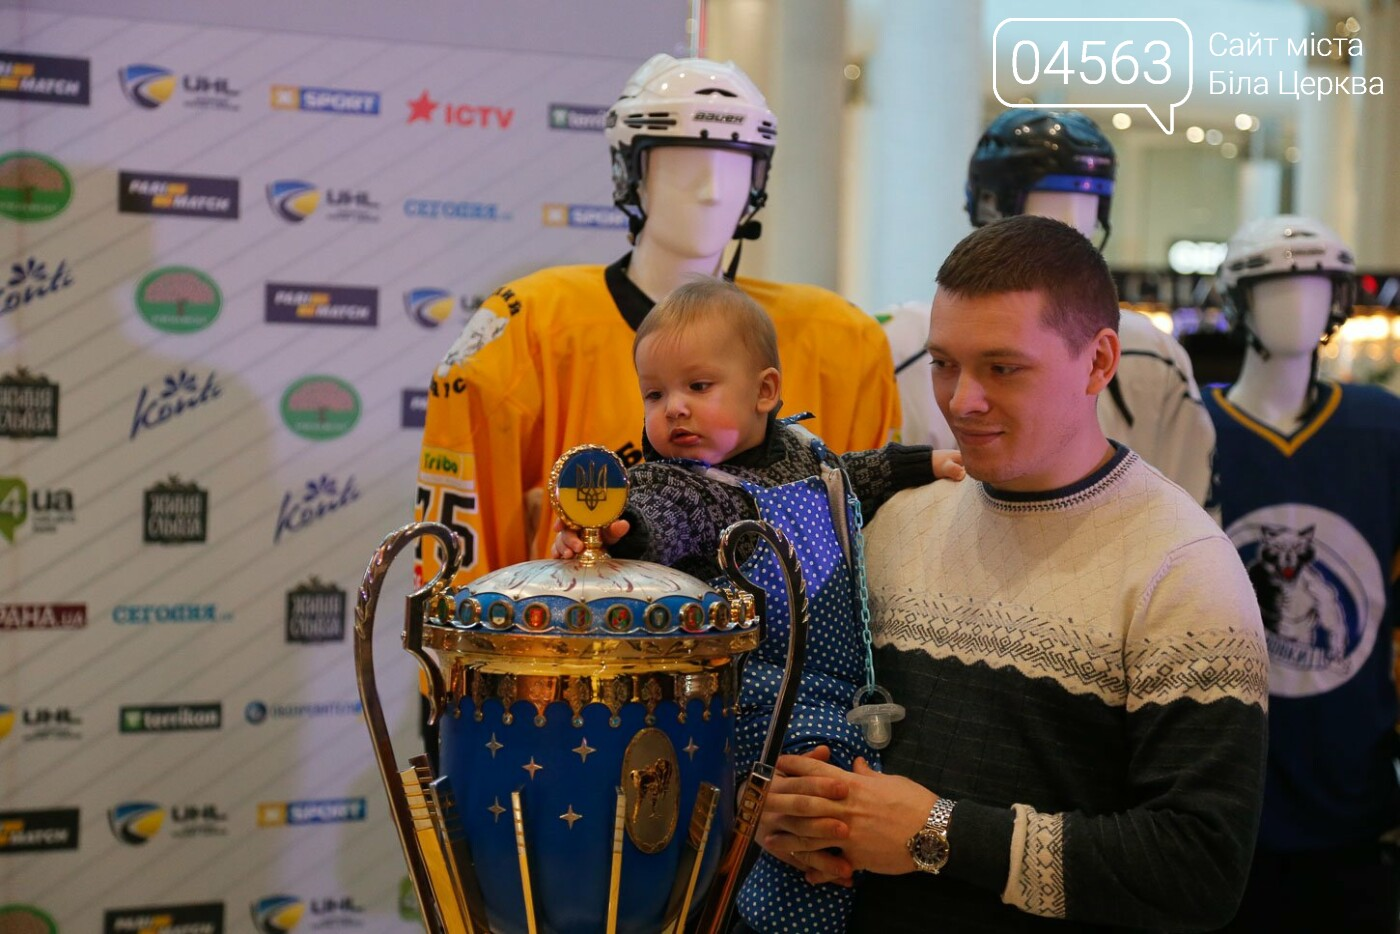 У Києві презентували чемпіонський кубок України з хокею, фото-6